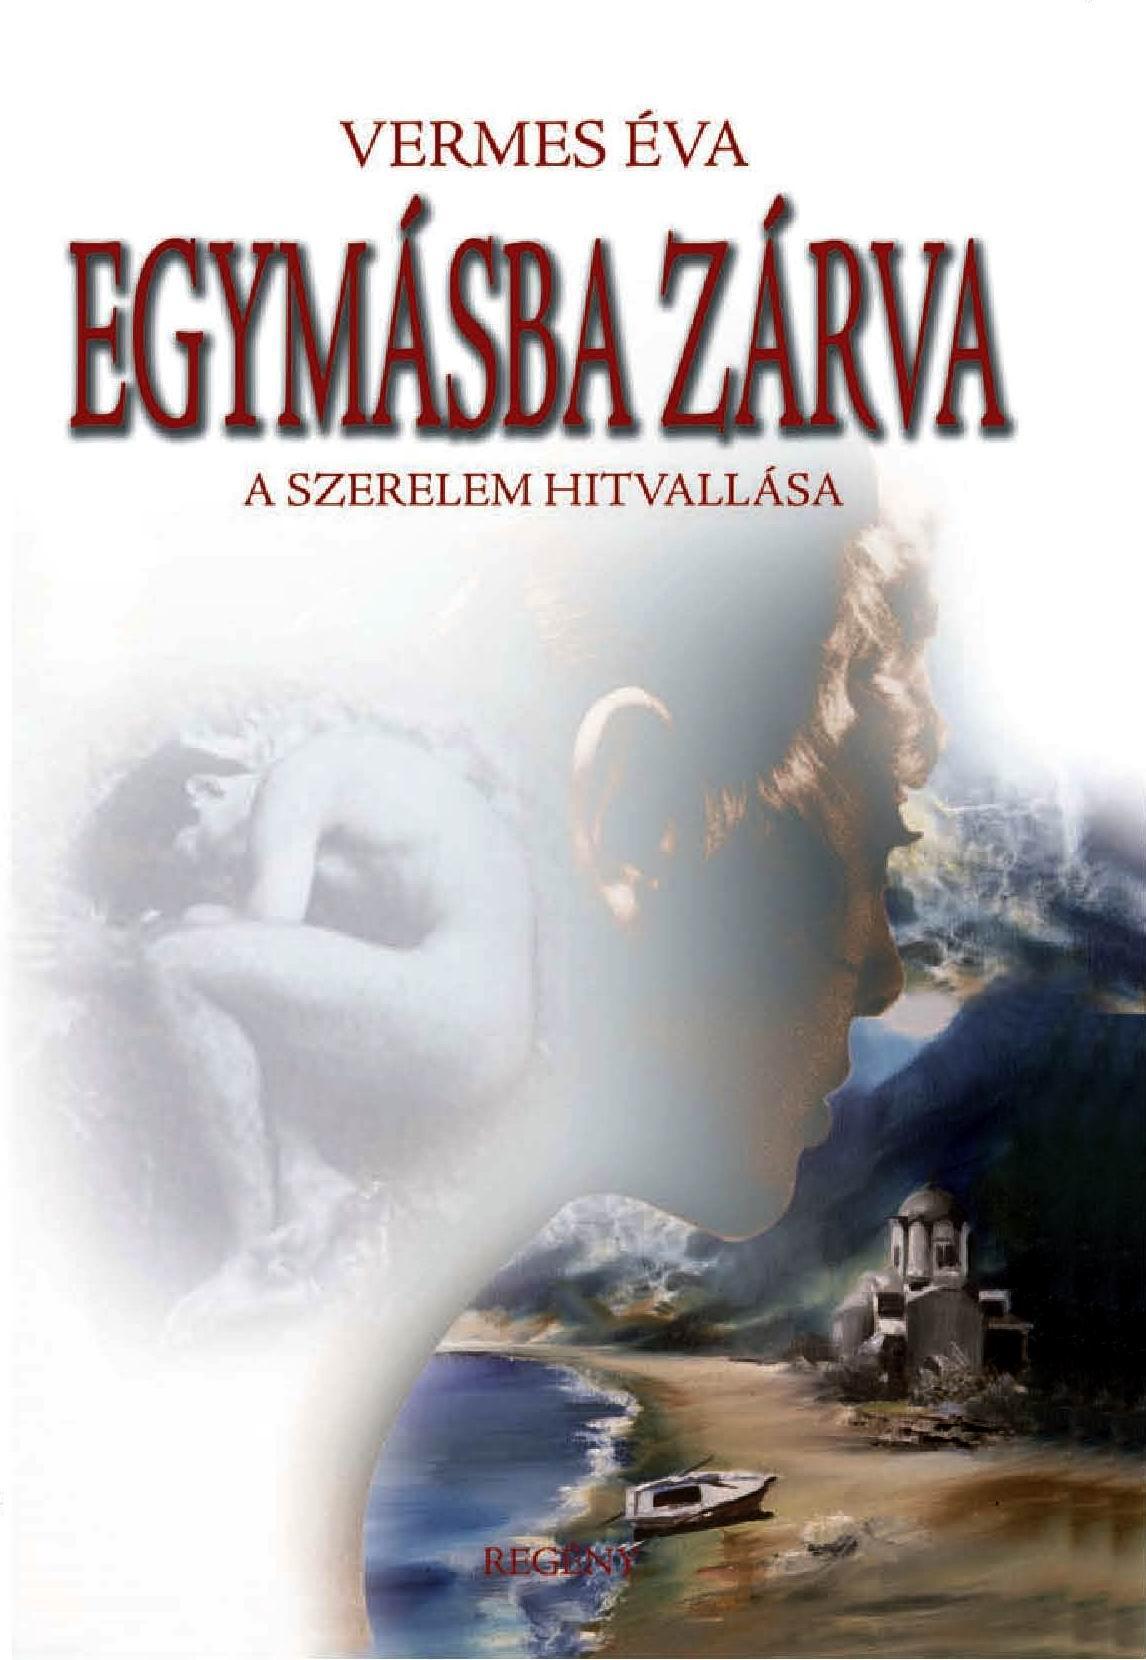 EGYMÁSBA ZÁRVA - A SZERELEM HITVALLÁSA